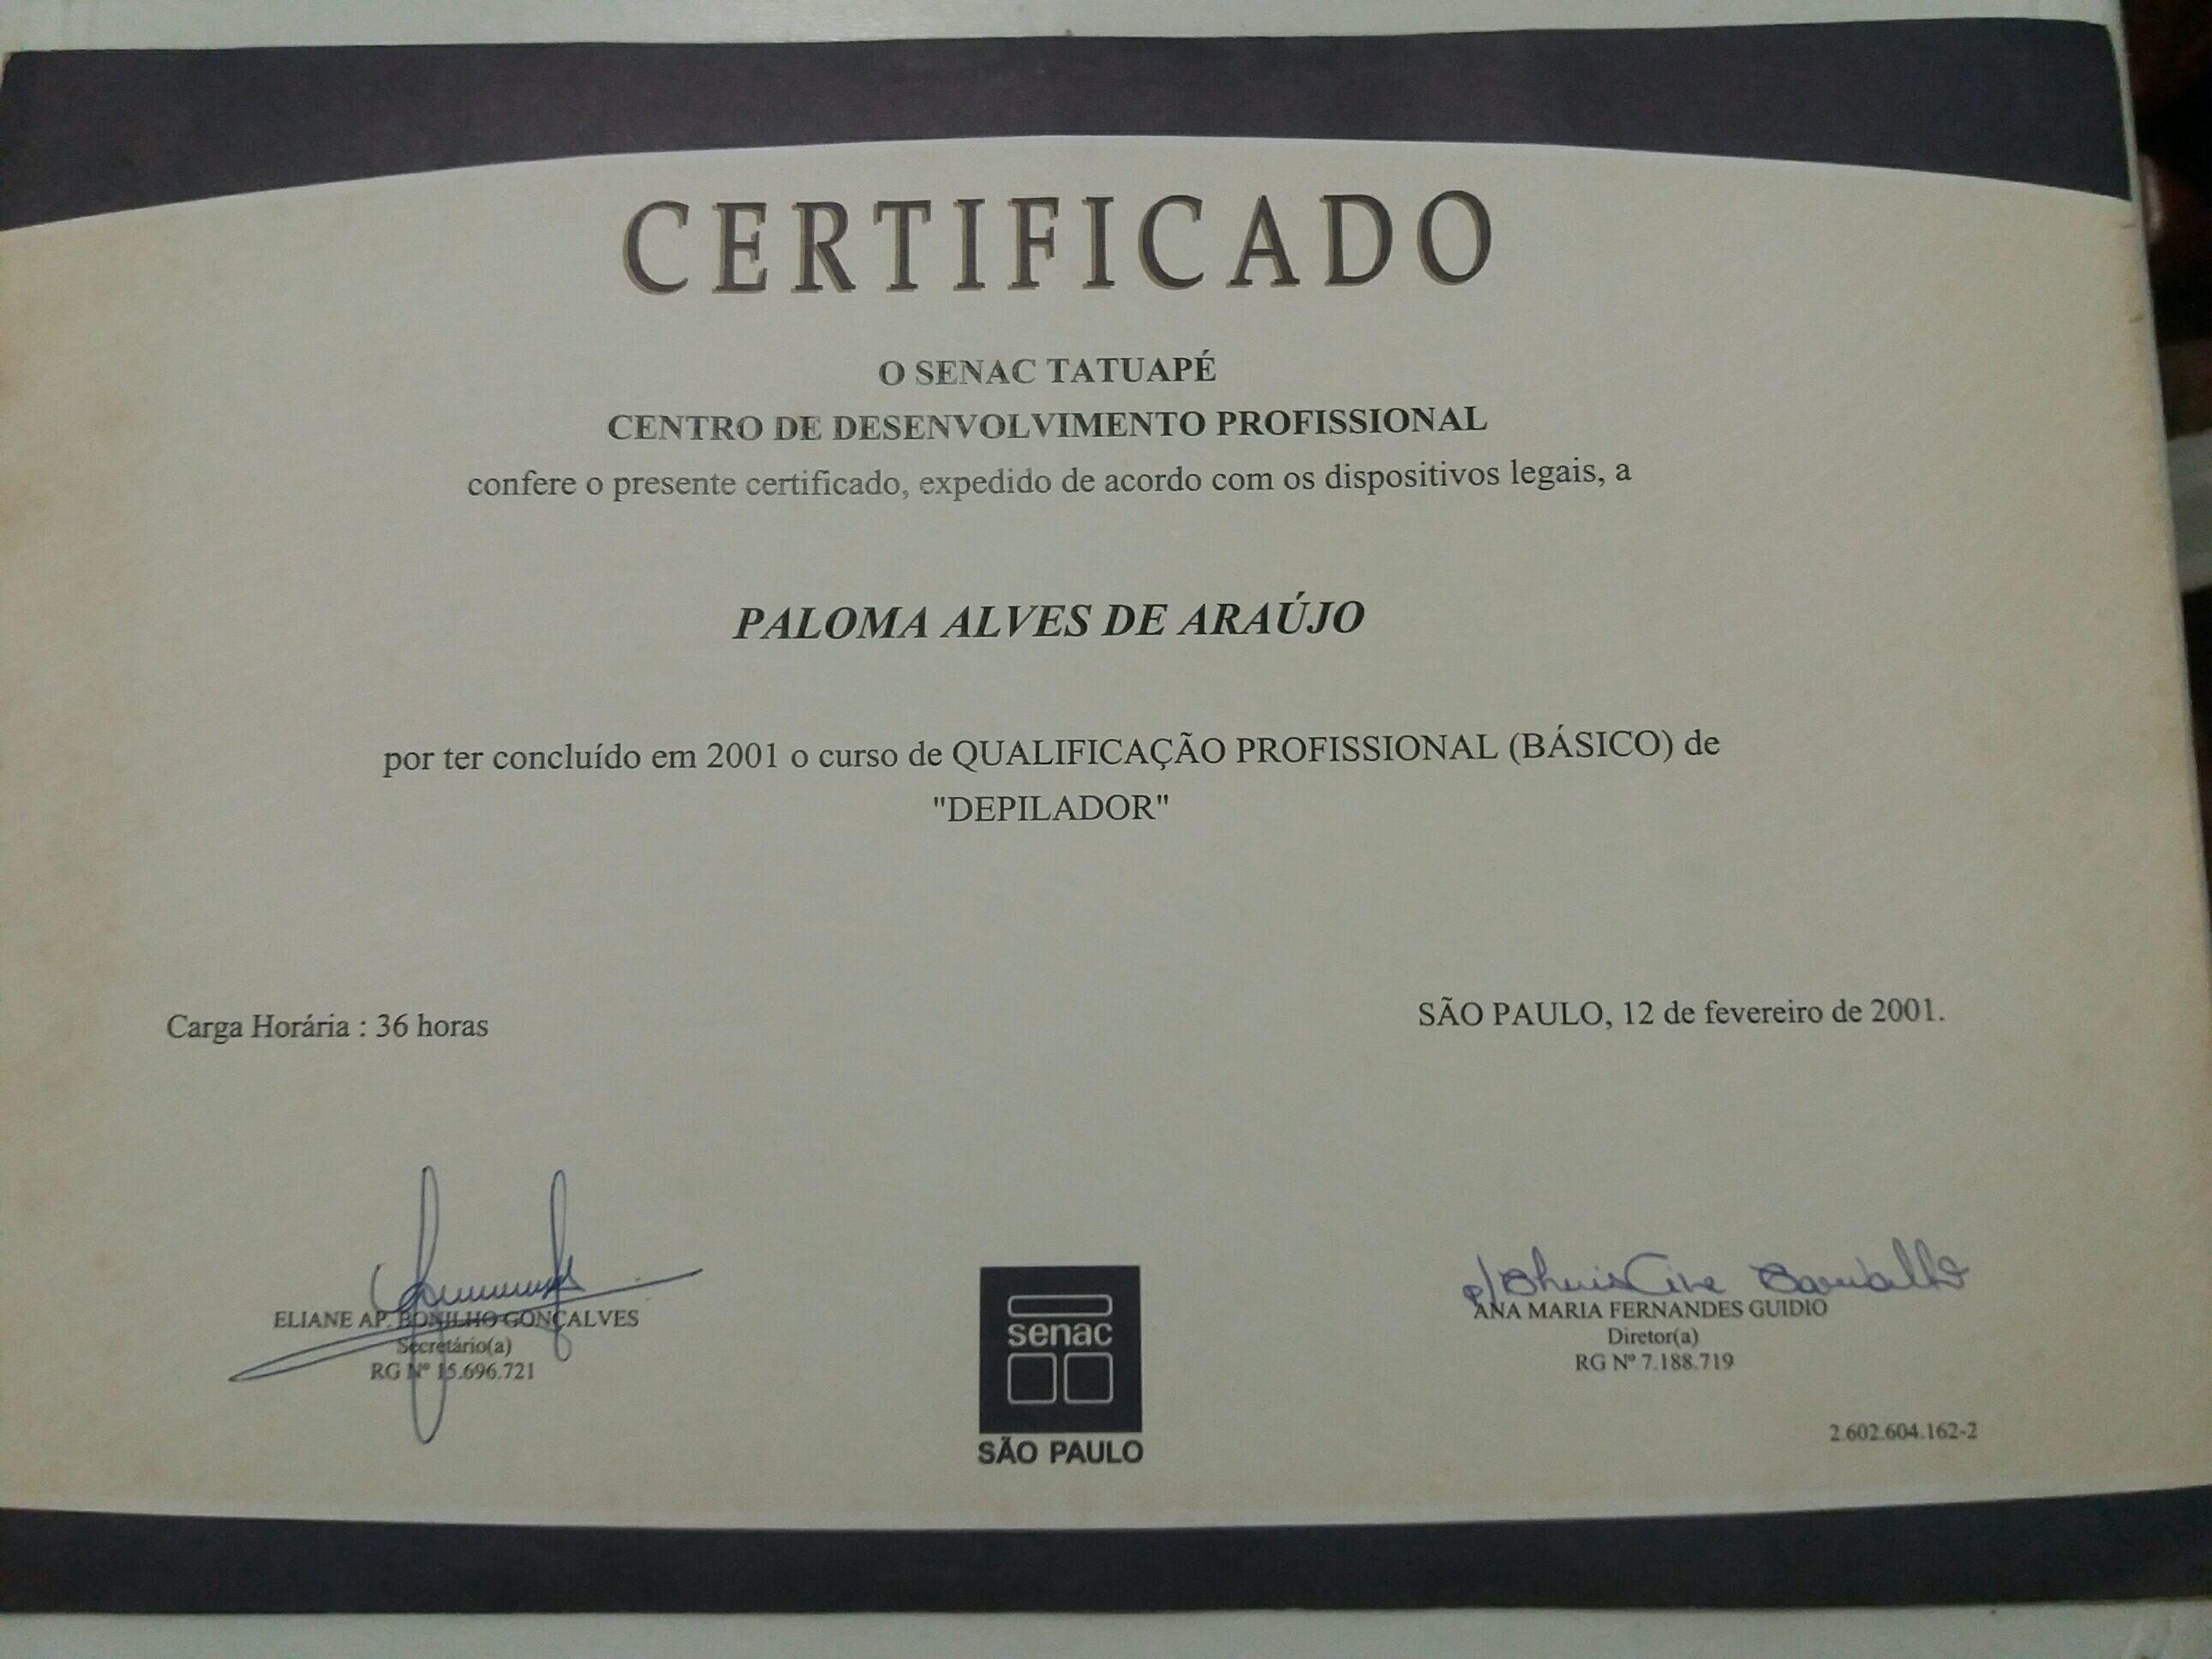 Certificado outros depilador(a)